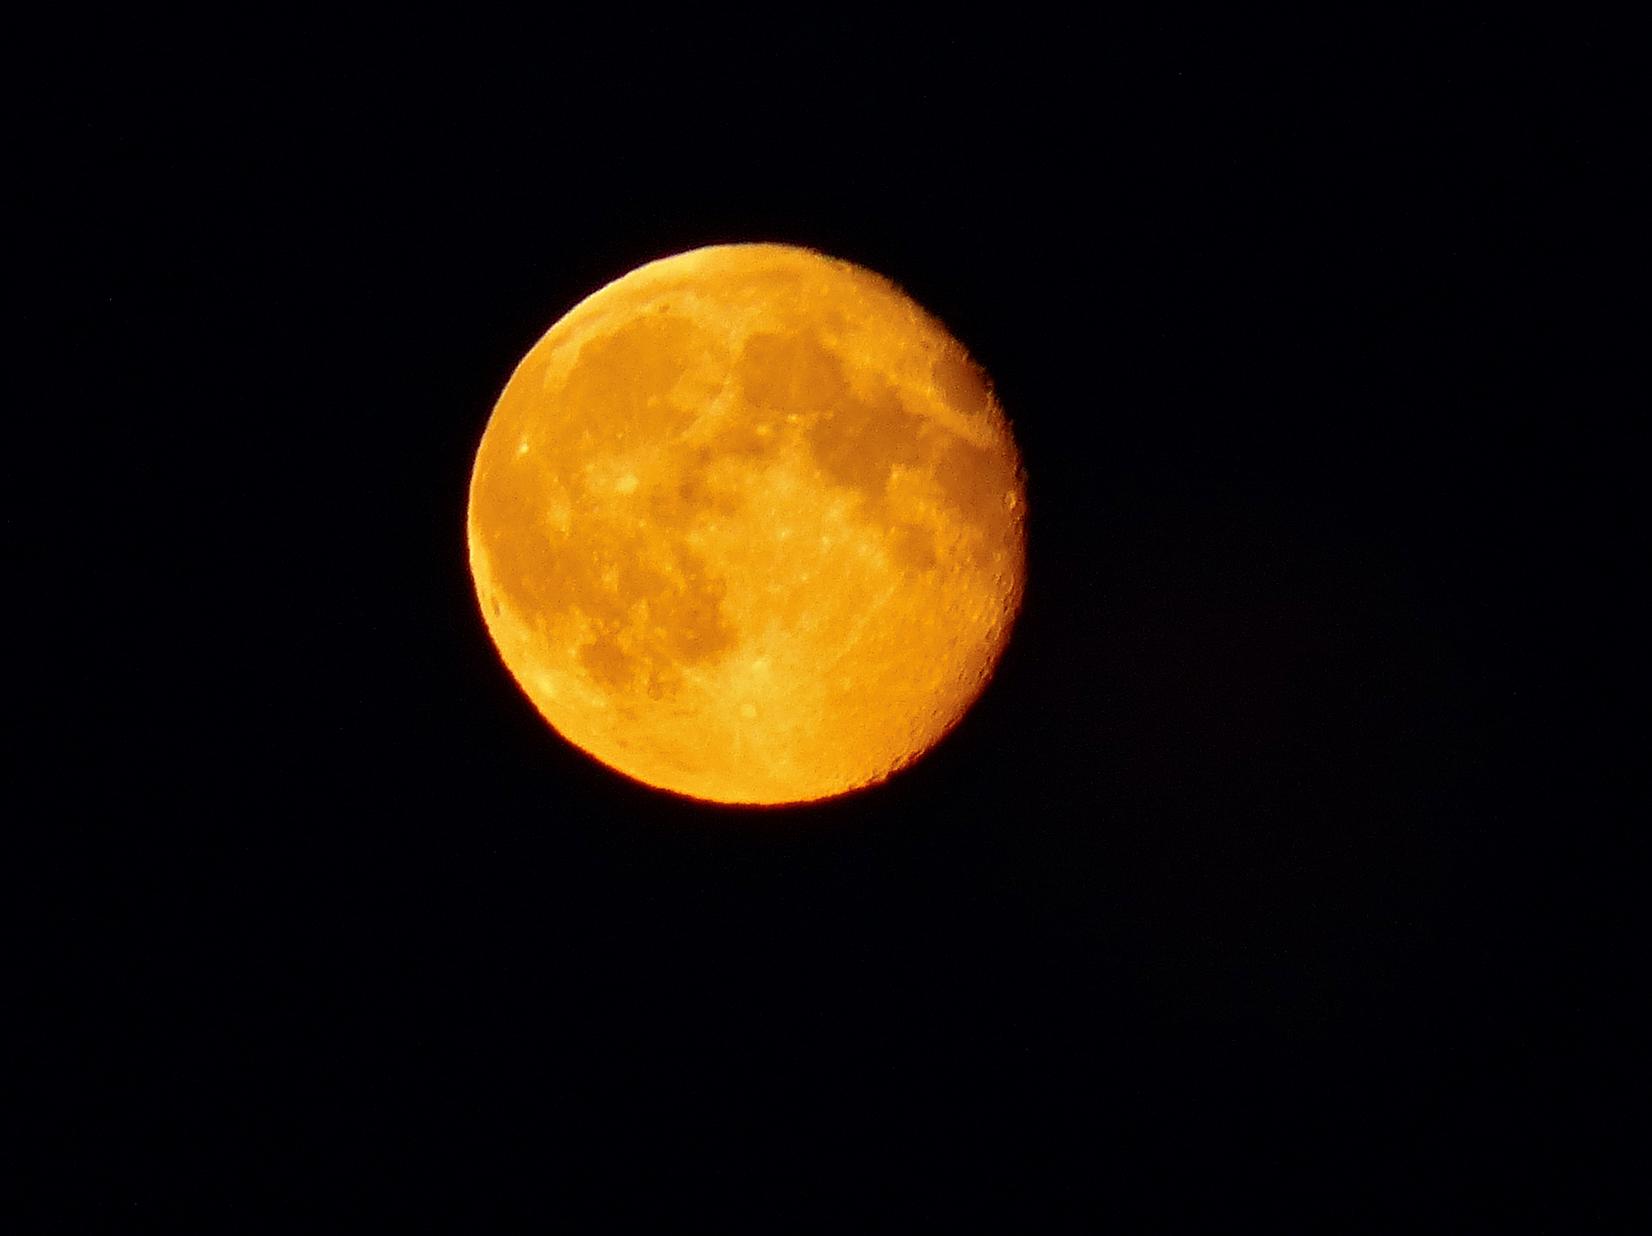 harvest_moon-_7916064846